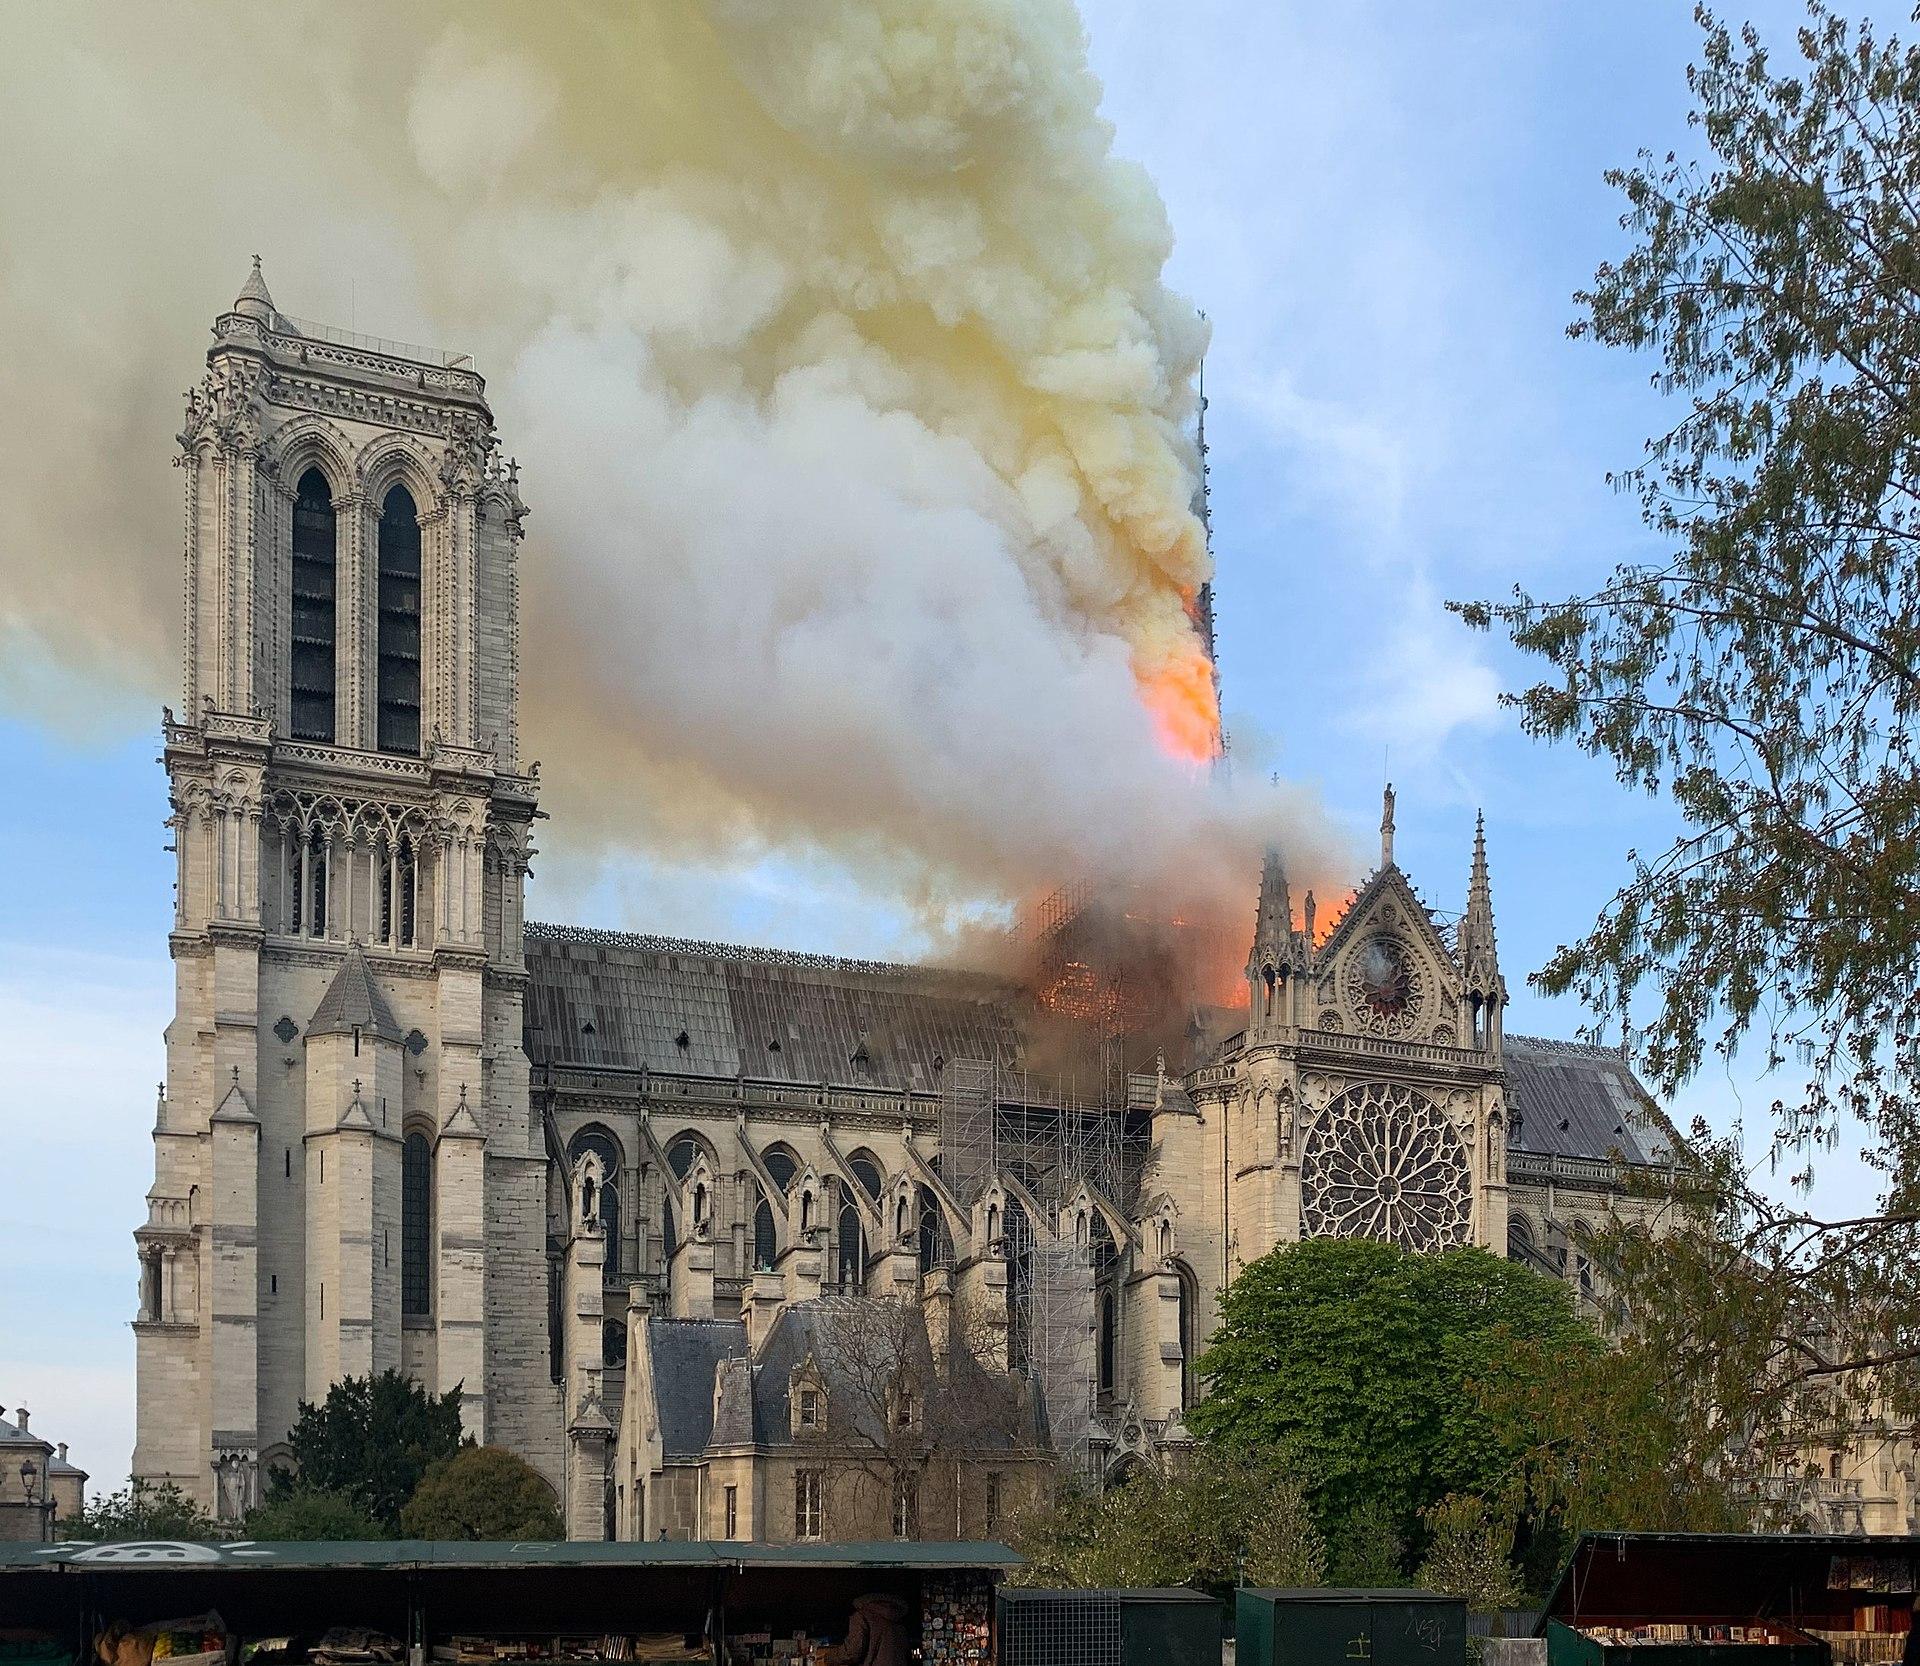 Notre Dam burning. Image: By Wandrille de Préville via Creative Commons License.